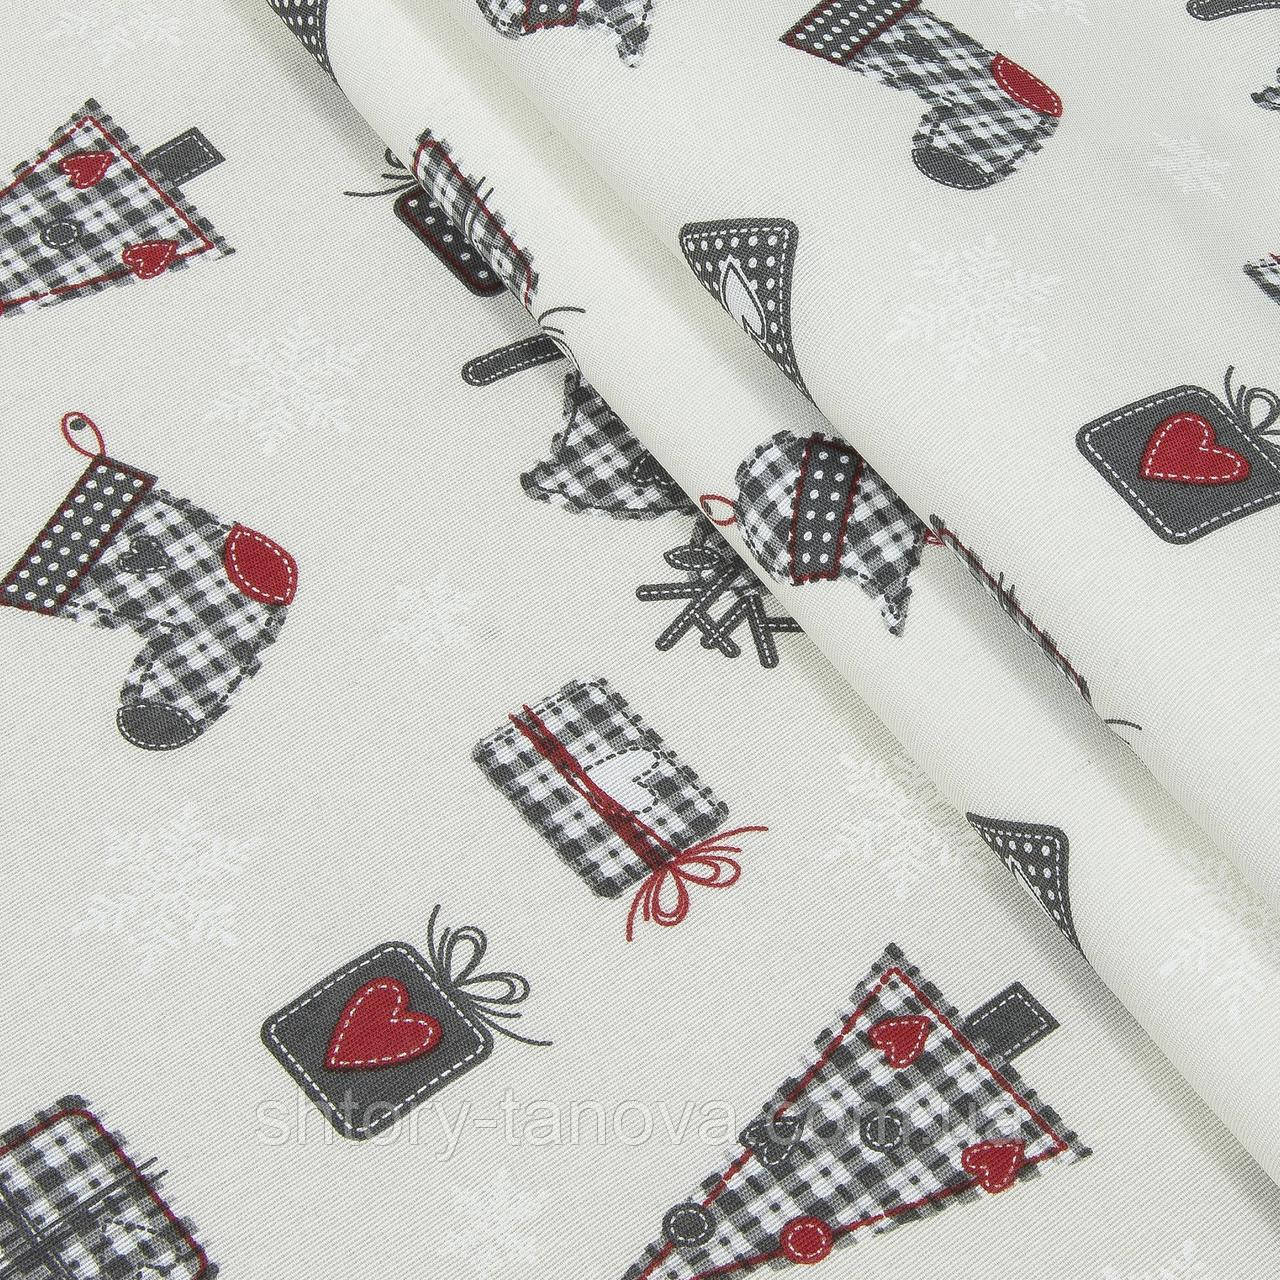 Копия Декоративная ткань, хлопок 70%, полиэстер 30%, с новогодним принтом, молочно-серый